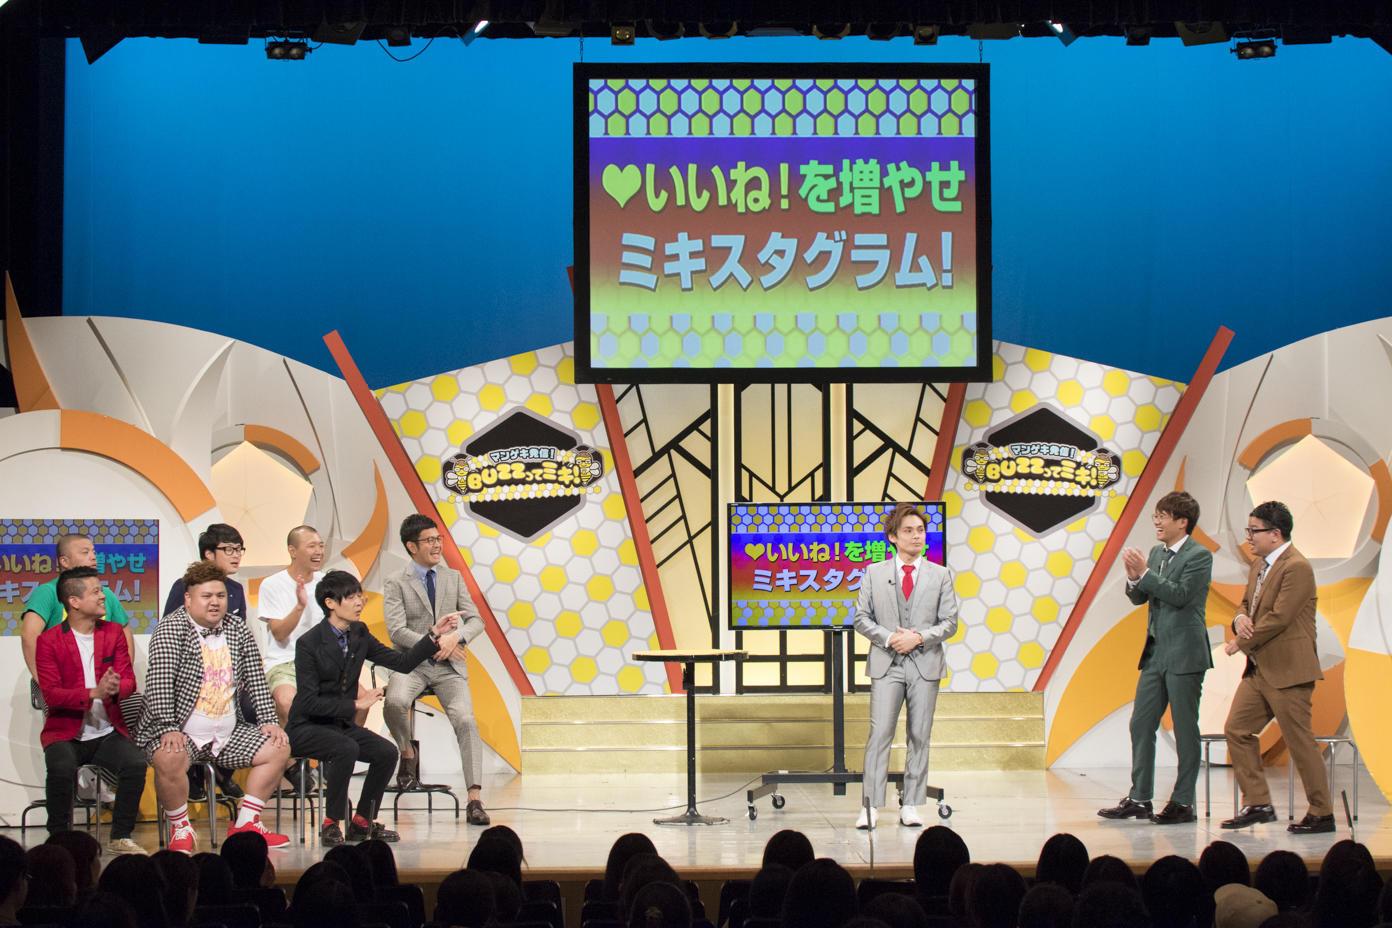 http://news.yoshimoto.co.jp/20170908065121-ca2a35c50c86d3384e02e3b5a2a6f29b06e02c72.jpg